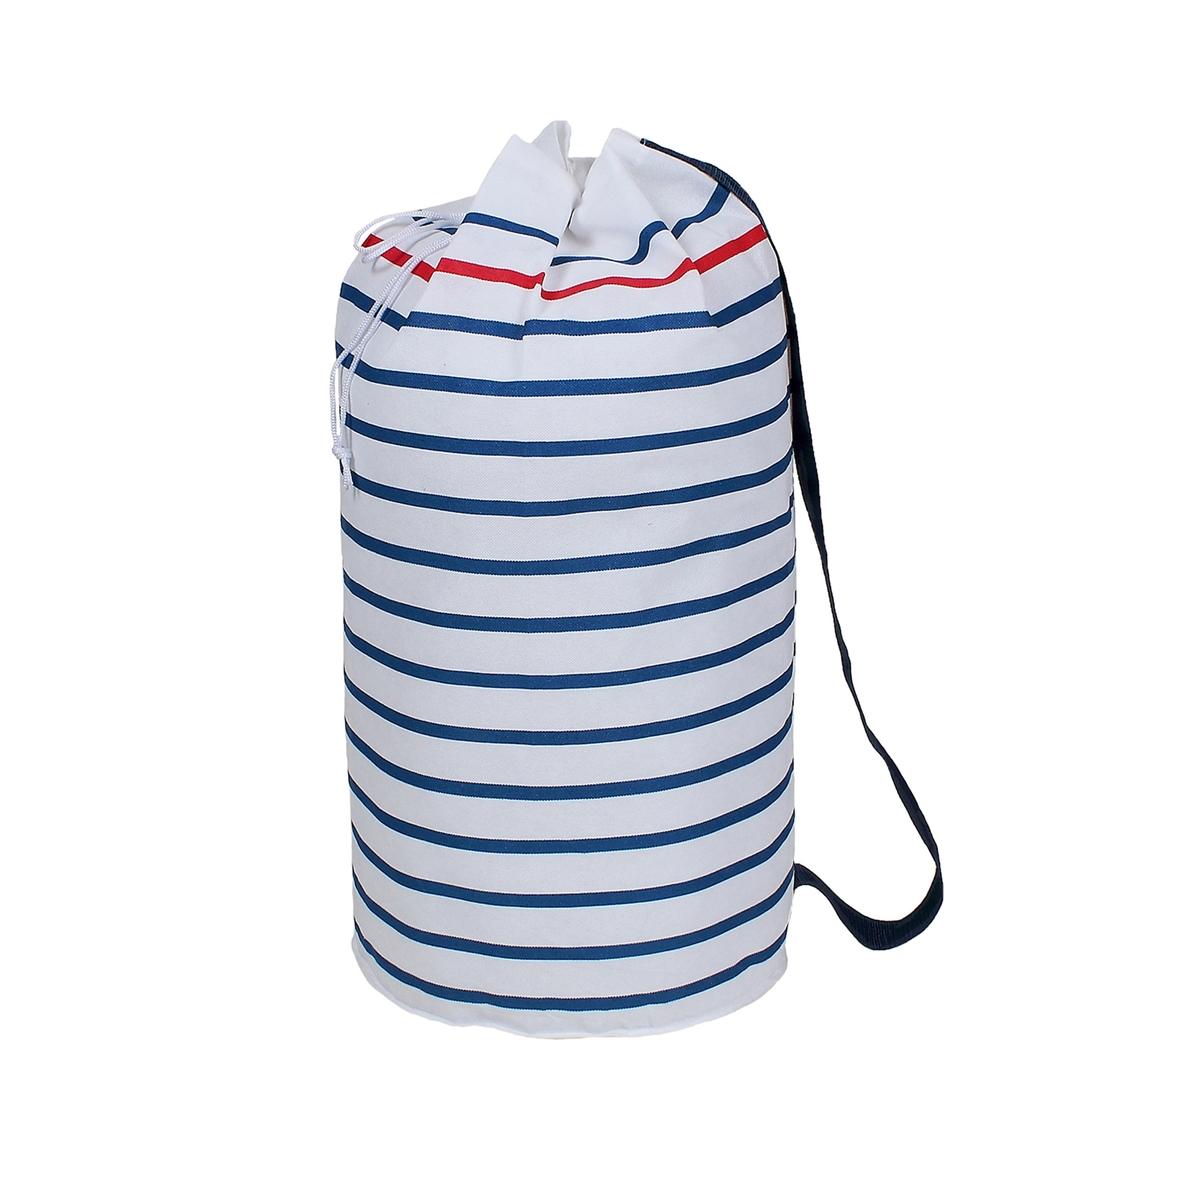 Сумка-рюкзак для белья, Bazil сумки и чехлы